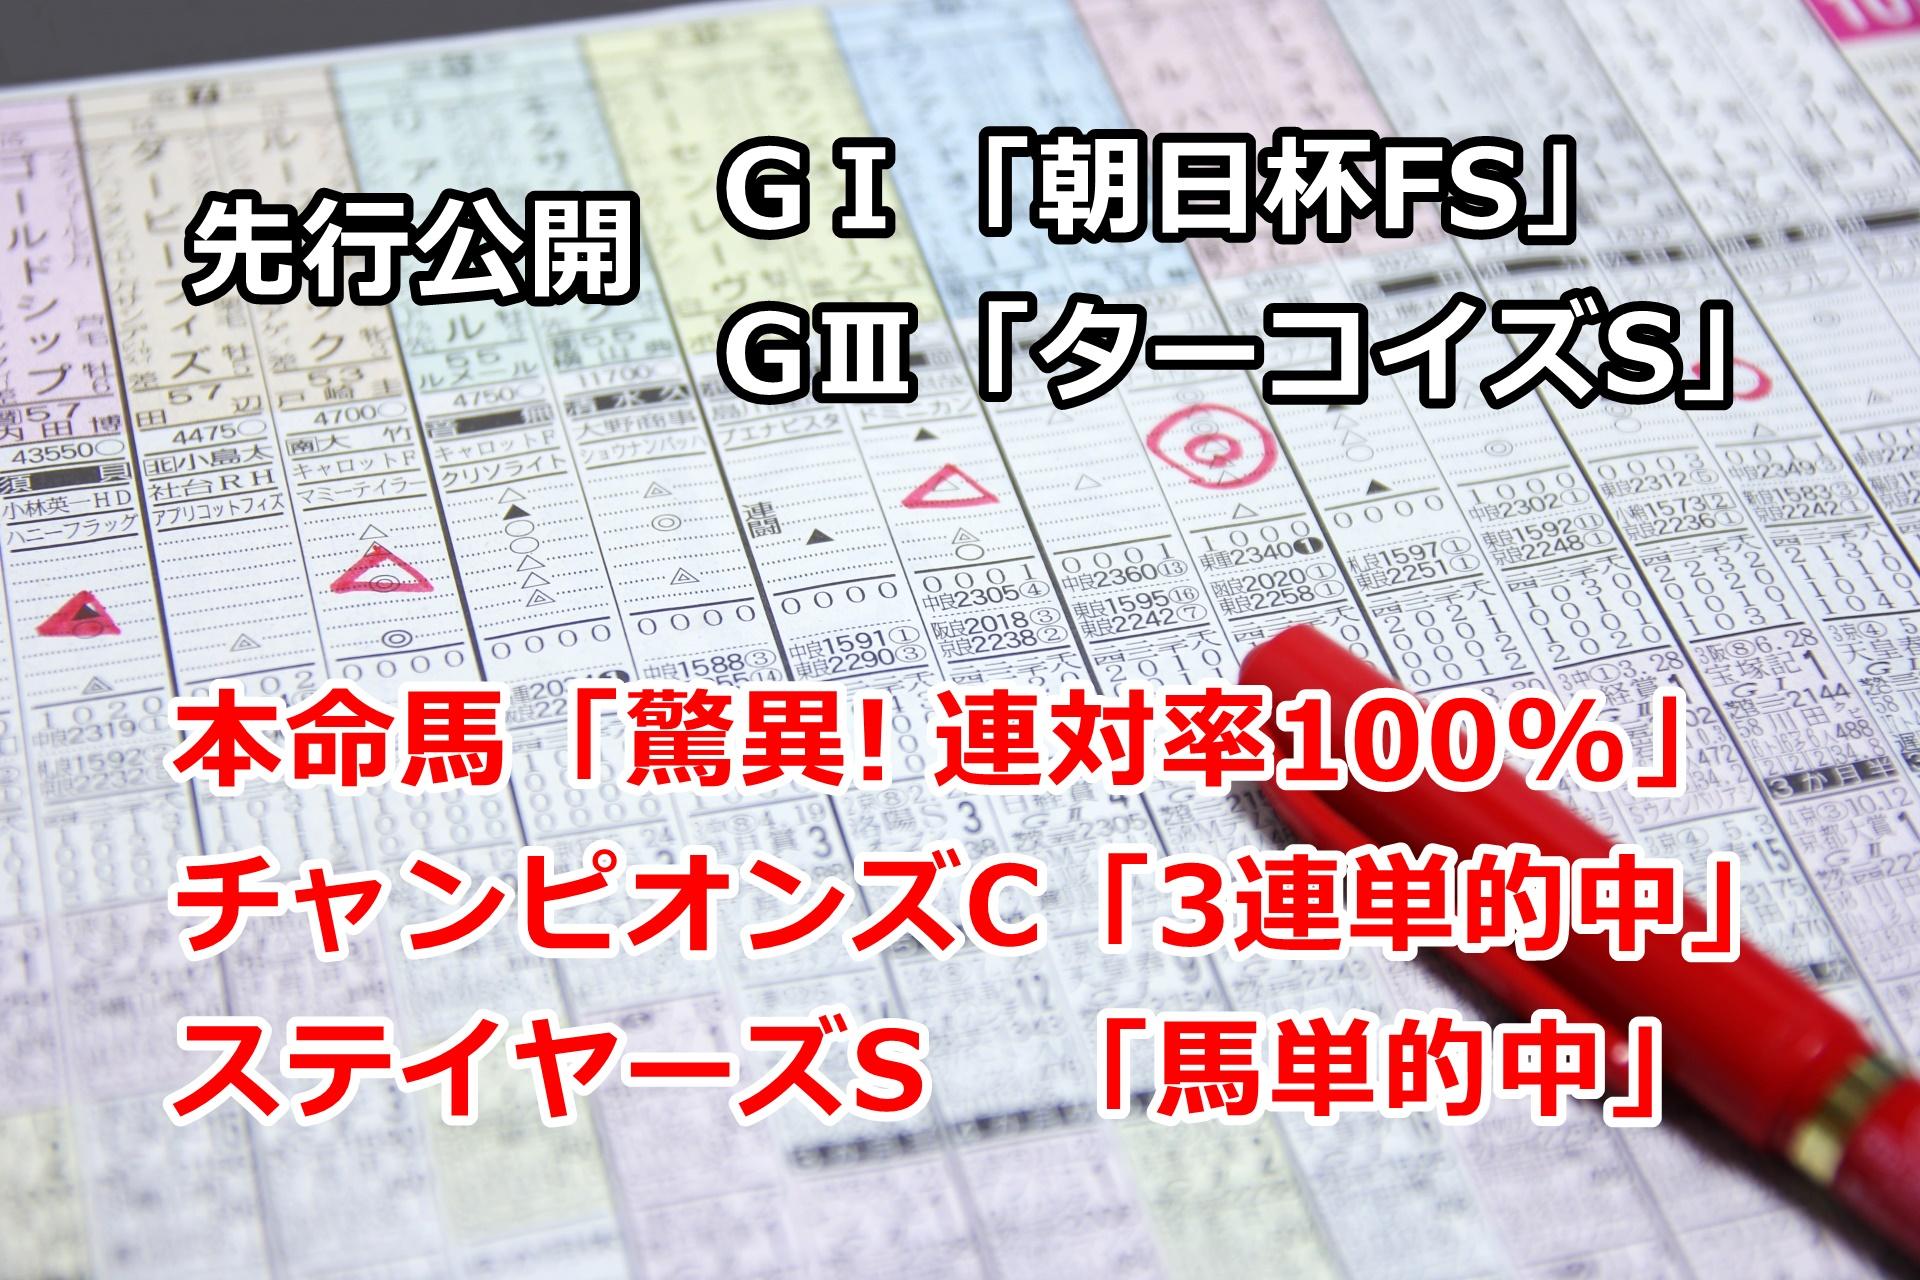 【競馬】本命馬「驚異! 連対率100%」 朝日杯FS、ターコイズSの先行公開 第22回